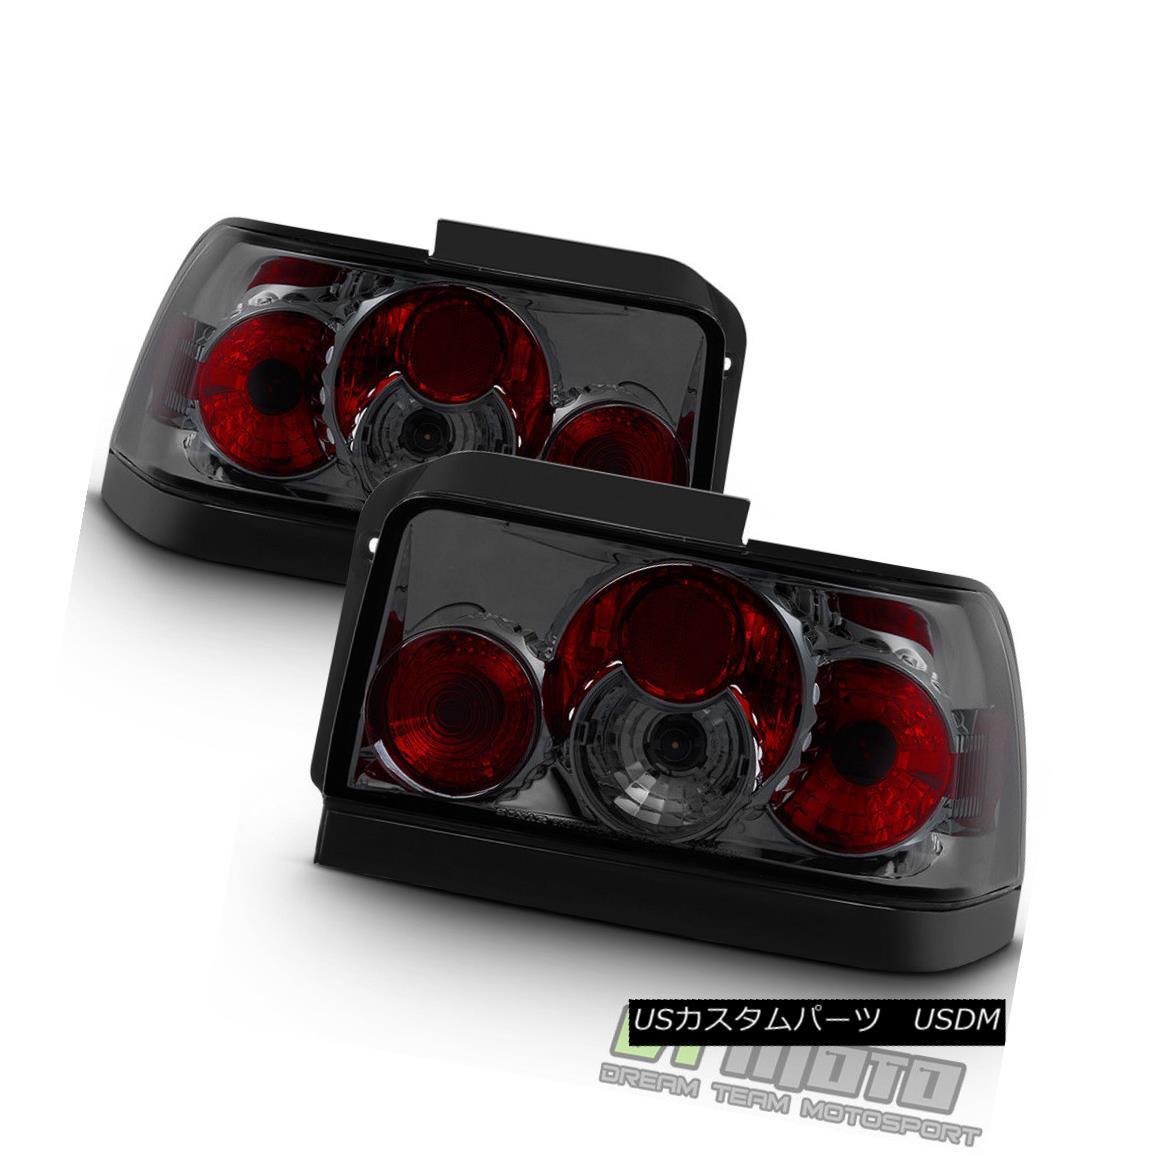 テールライト Smoked Lens 1993-1997 Toyota Corolla JDM Tail Lights Brake Lamps Pair Left+Right スモークレンズ1993-1997トヨタカローラJDMテールライトブレーキランプペア左右+右